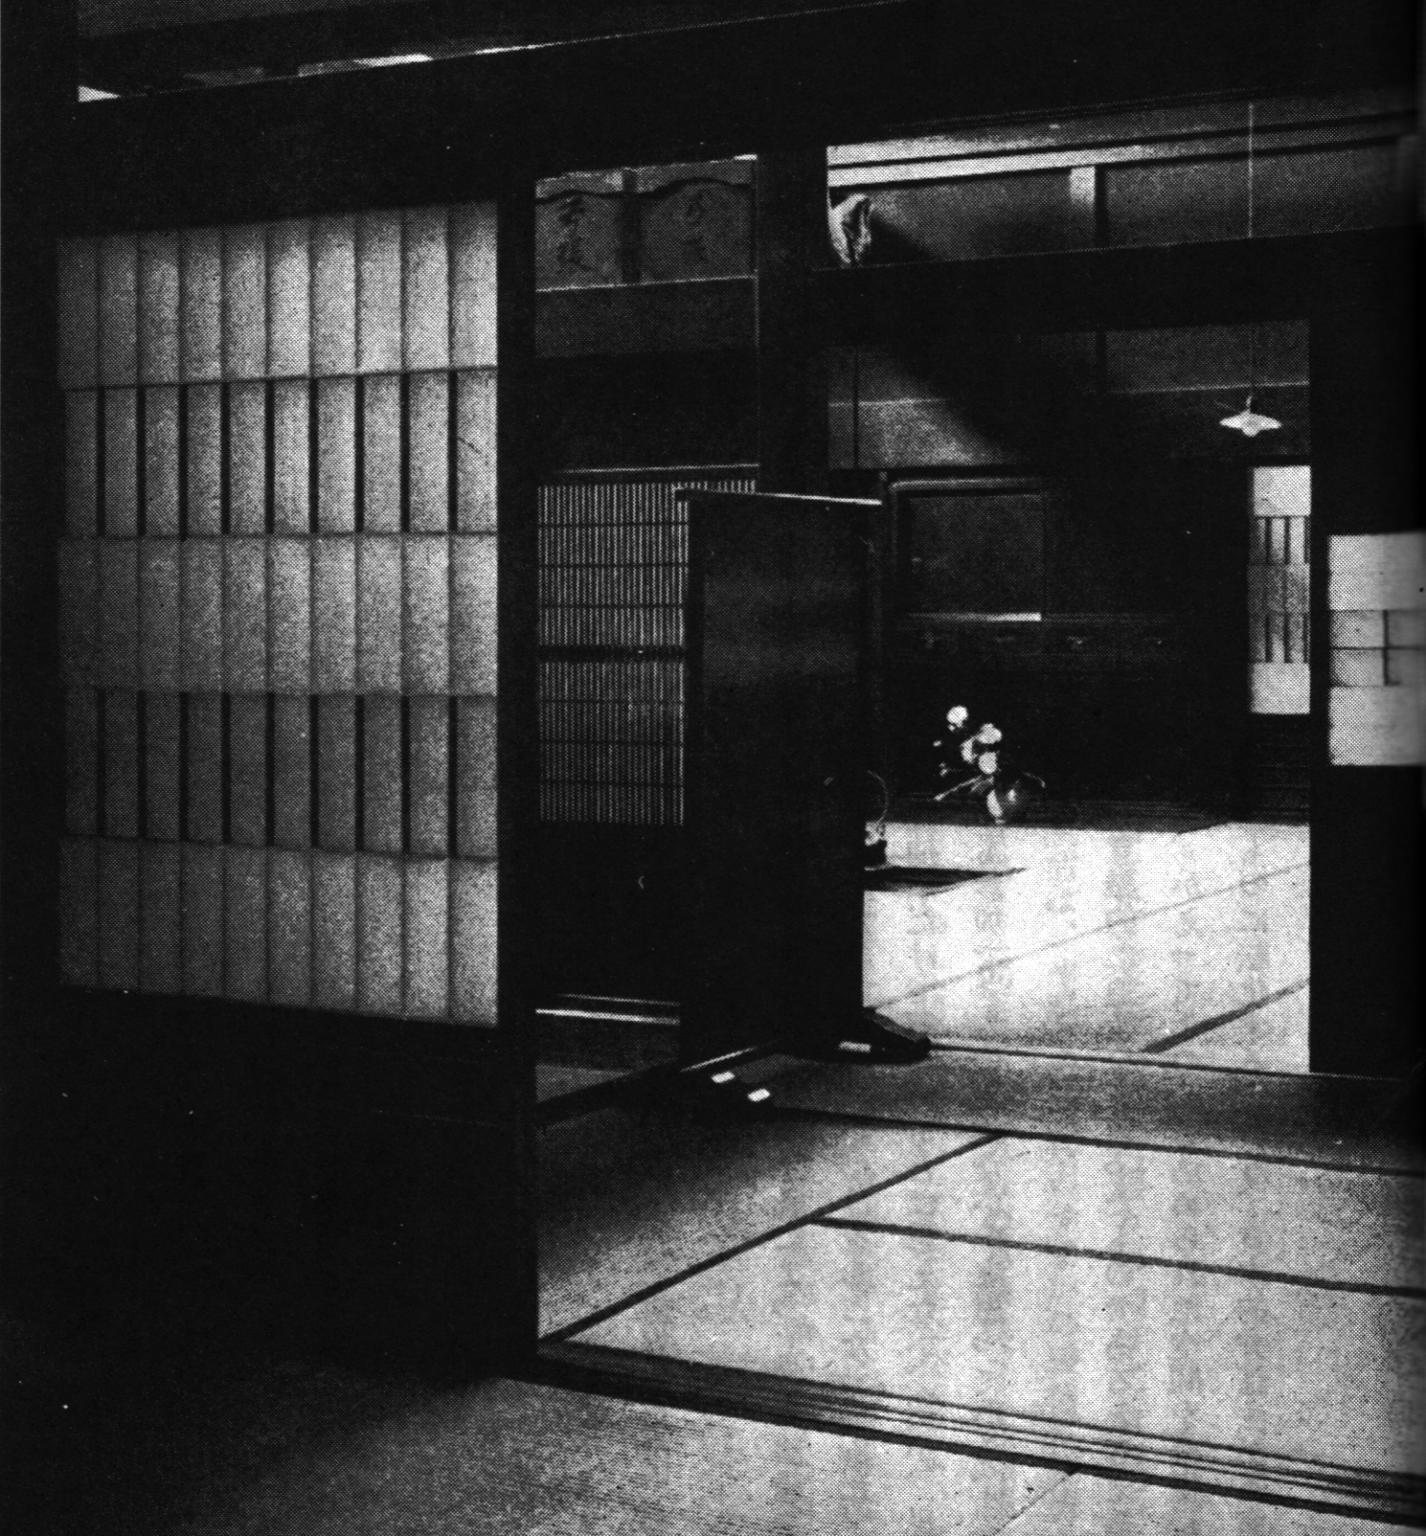 Interior de casa japonesa tradicional. Fotografia de Kazuo Shibohara, treta del seu llibre Teoria de l'arquitectura residencial.